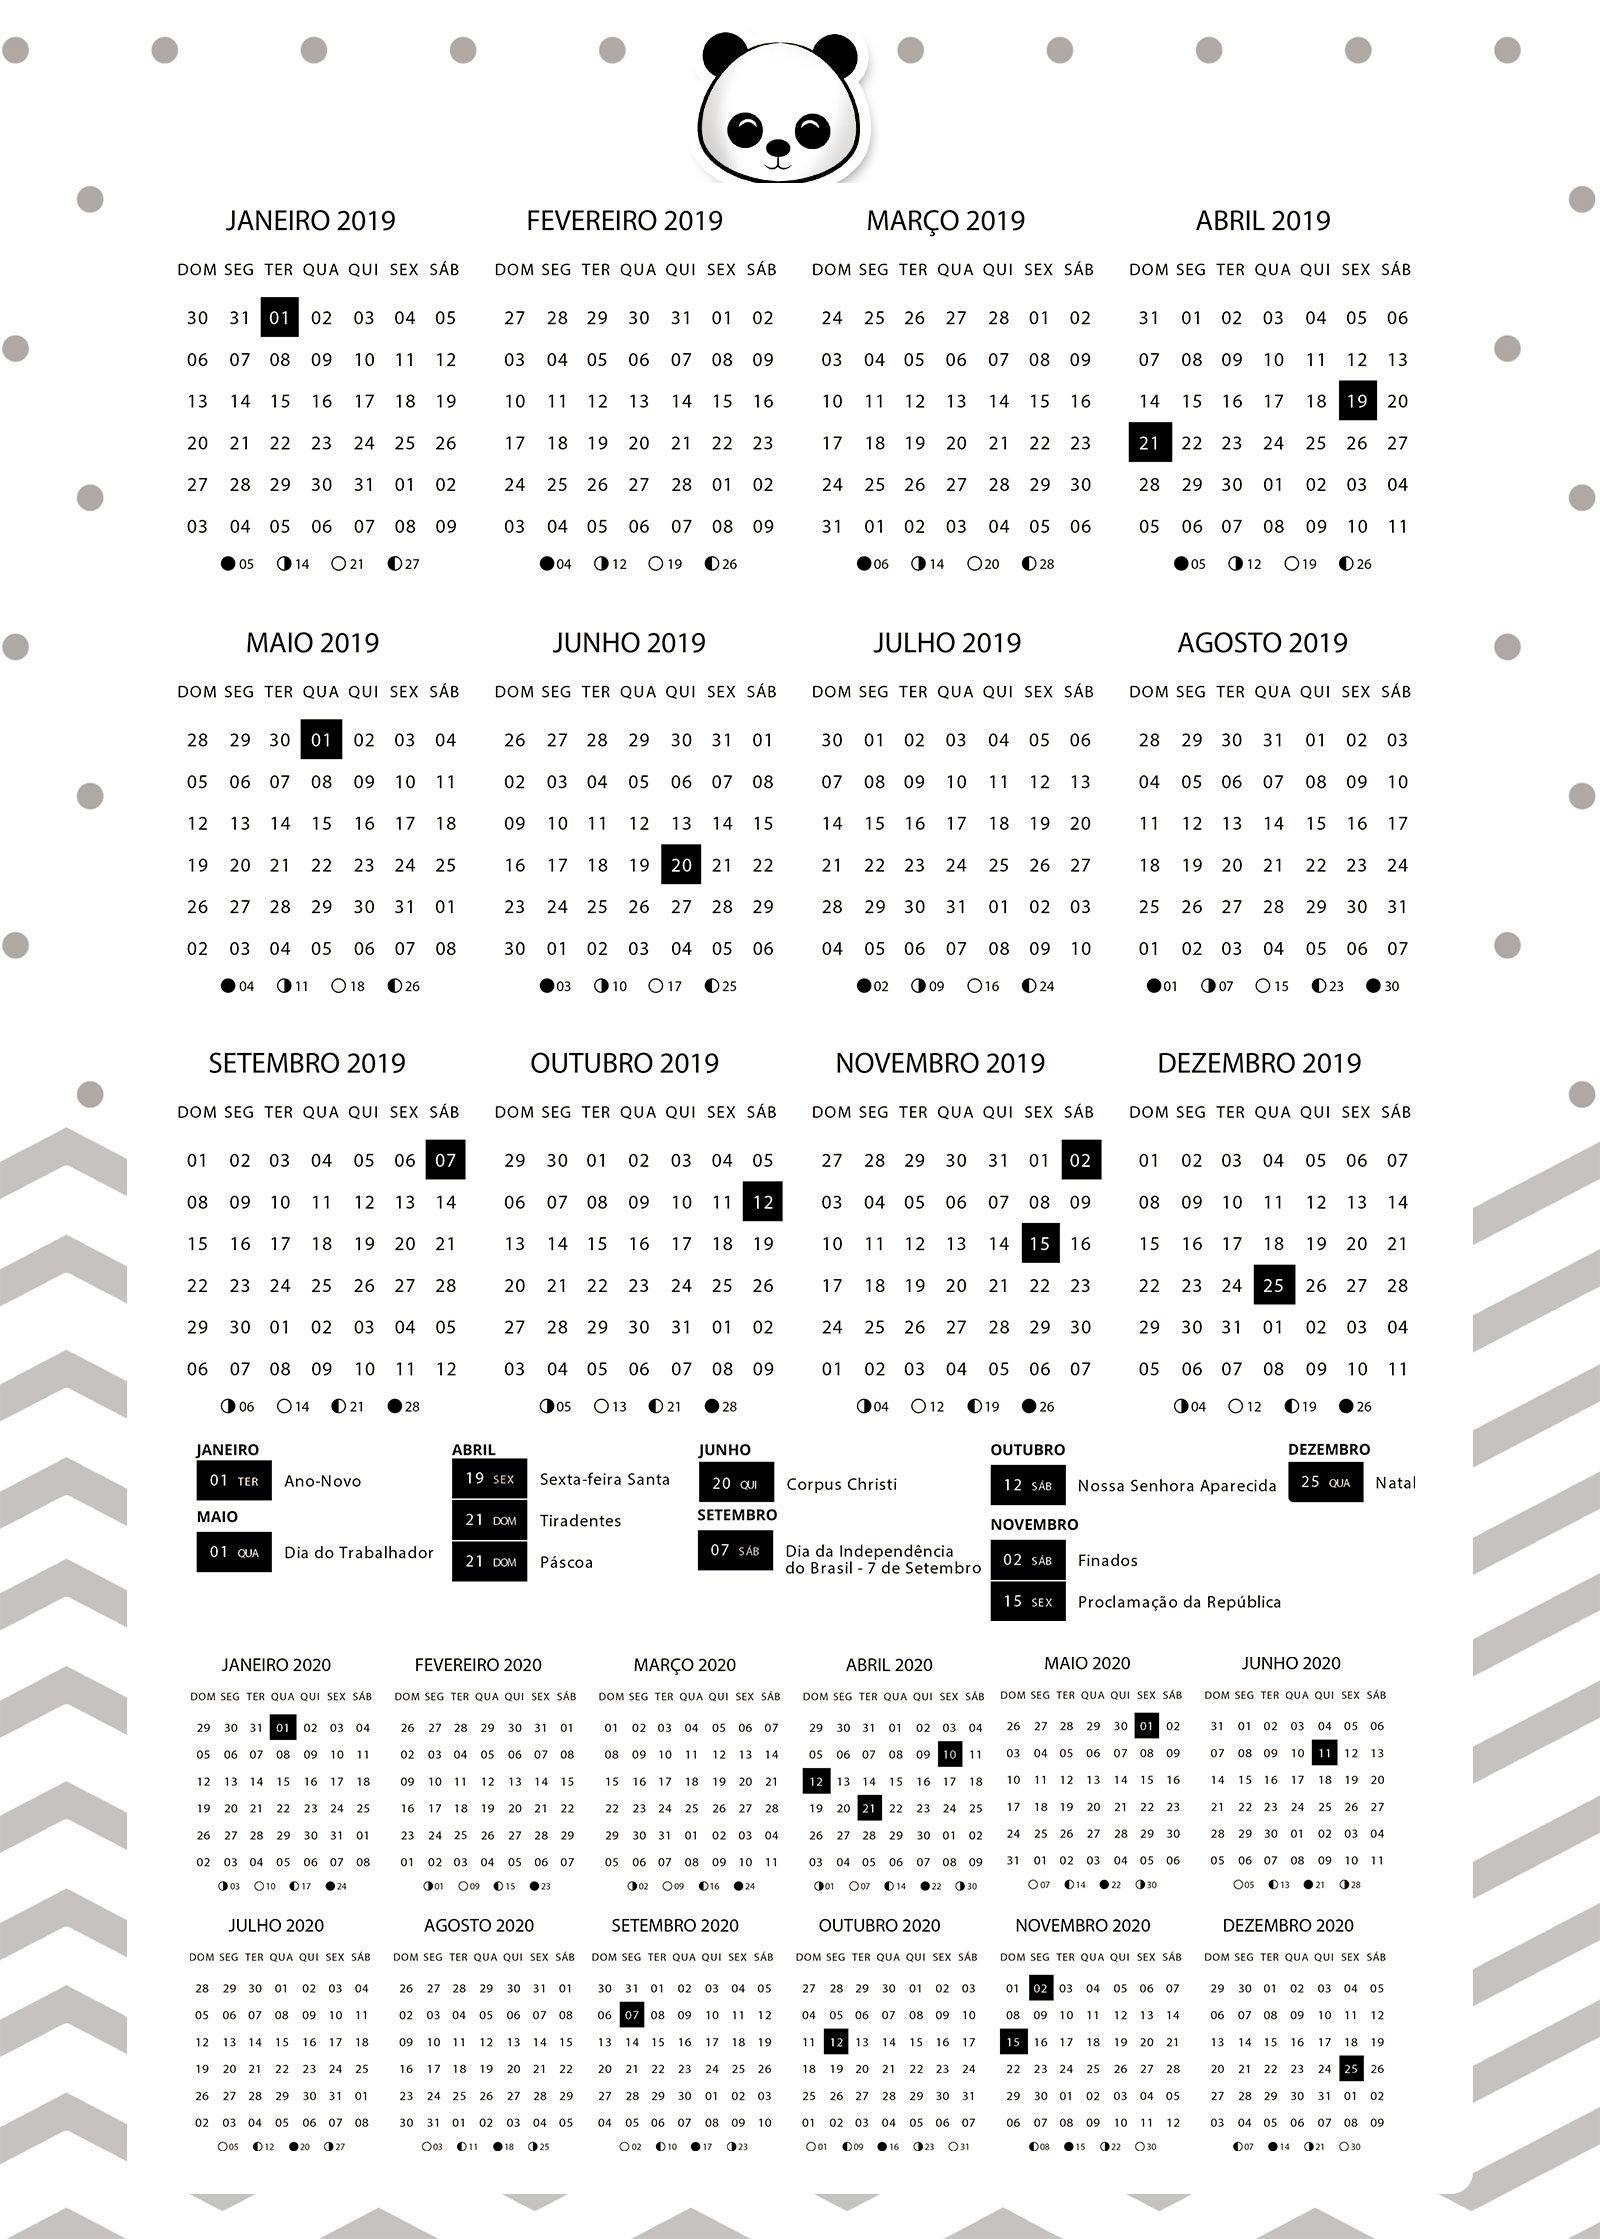 Imprimir Calendario Semestral 2017 Más Recientes Planner 2019 Panda Menino Calendario 2019 E 2020 Of Imprimir Calendario Semestral 2017 Más Populares Noticias Calendario 2019 Mexico Icial